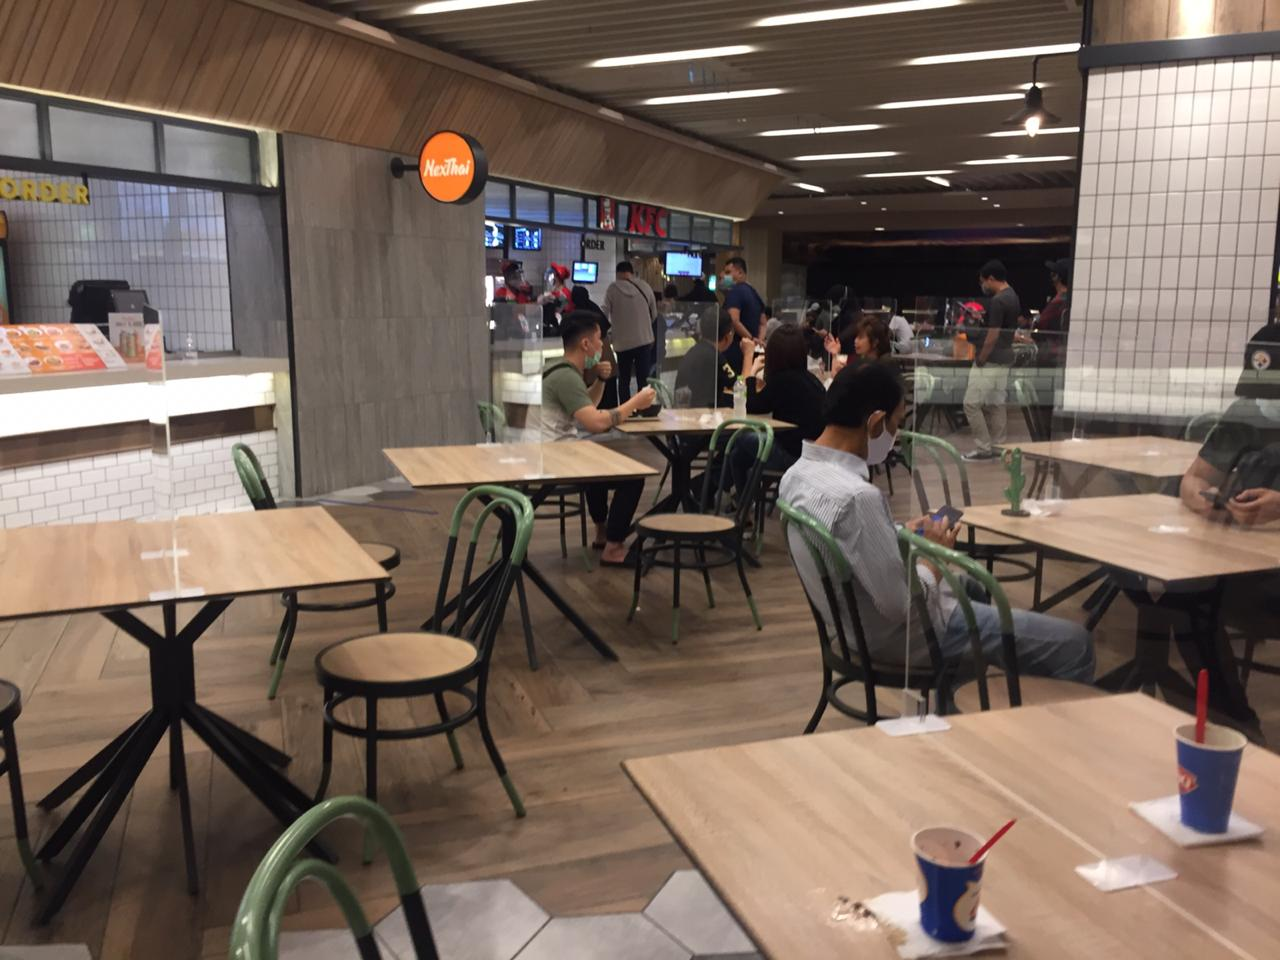 https: img.okezone.com content 2021 01 25 338 2350101 psbb-diperpanjang-makan-di-restoran-jakarta-boleh-sampai-pukul-8-malam-dzrxxdQBcL.jpg